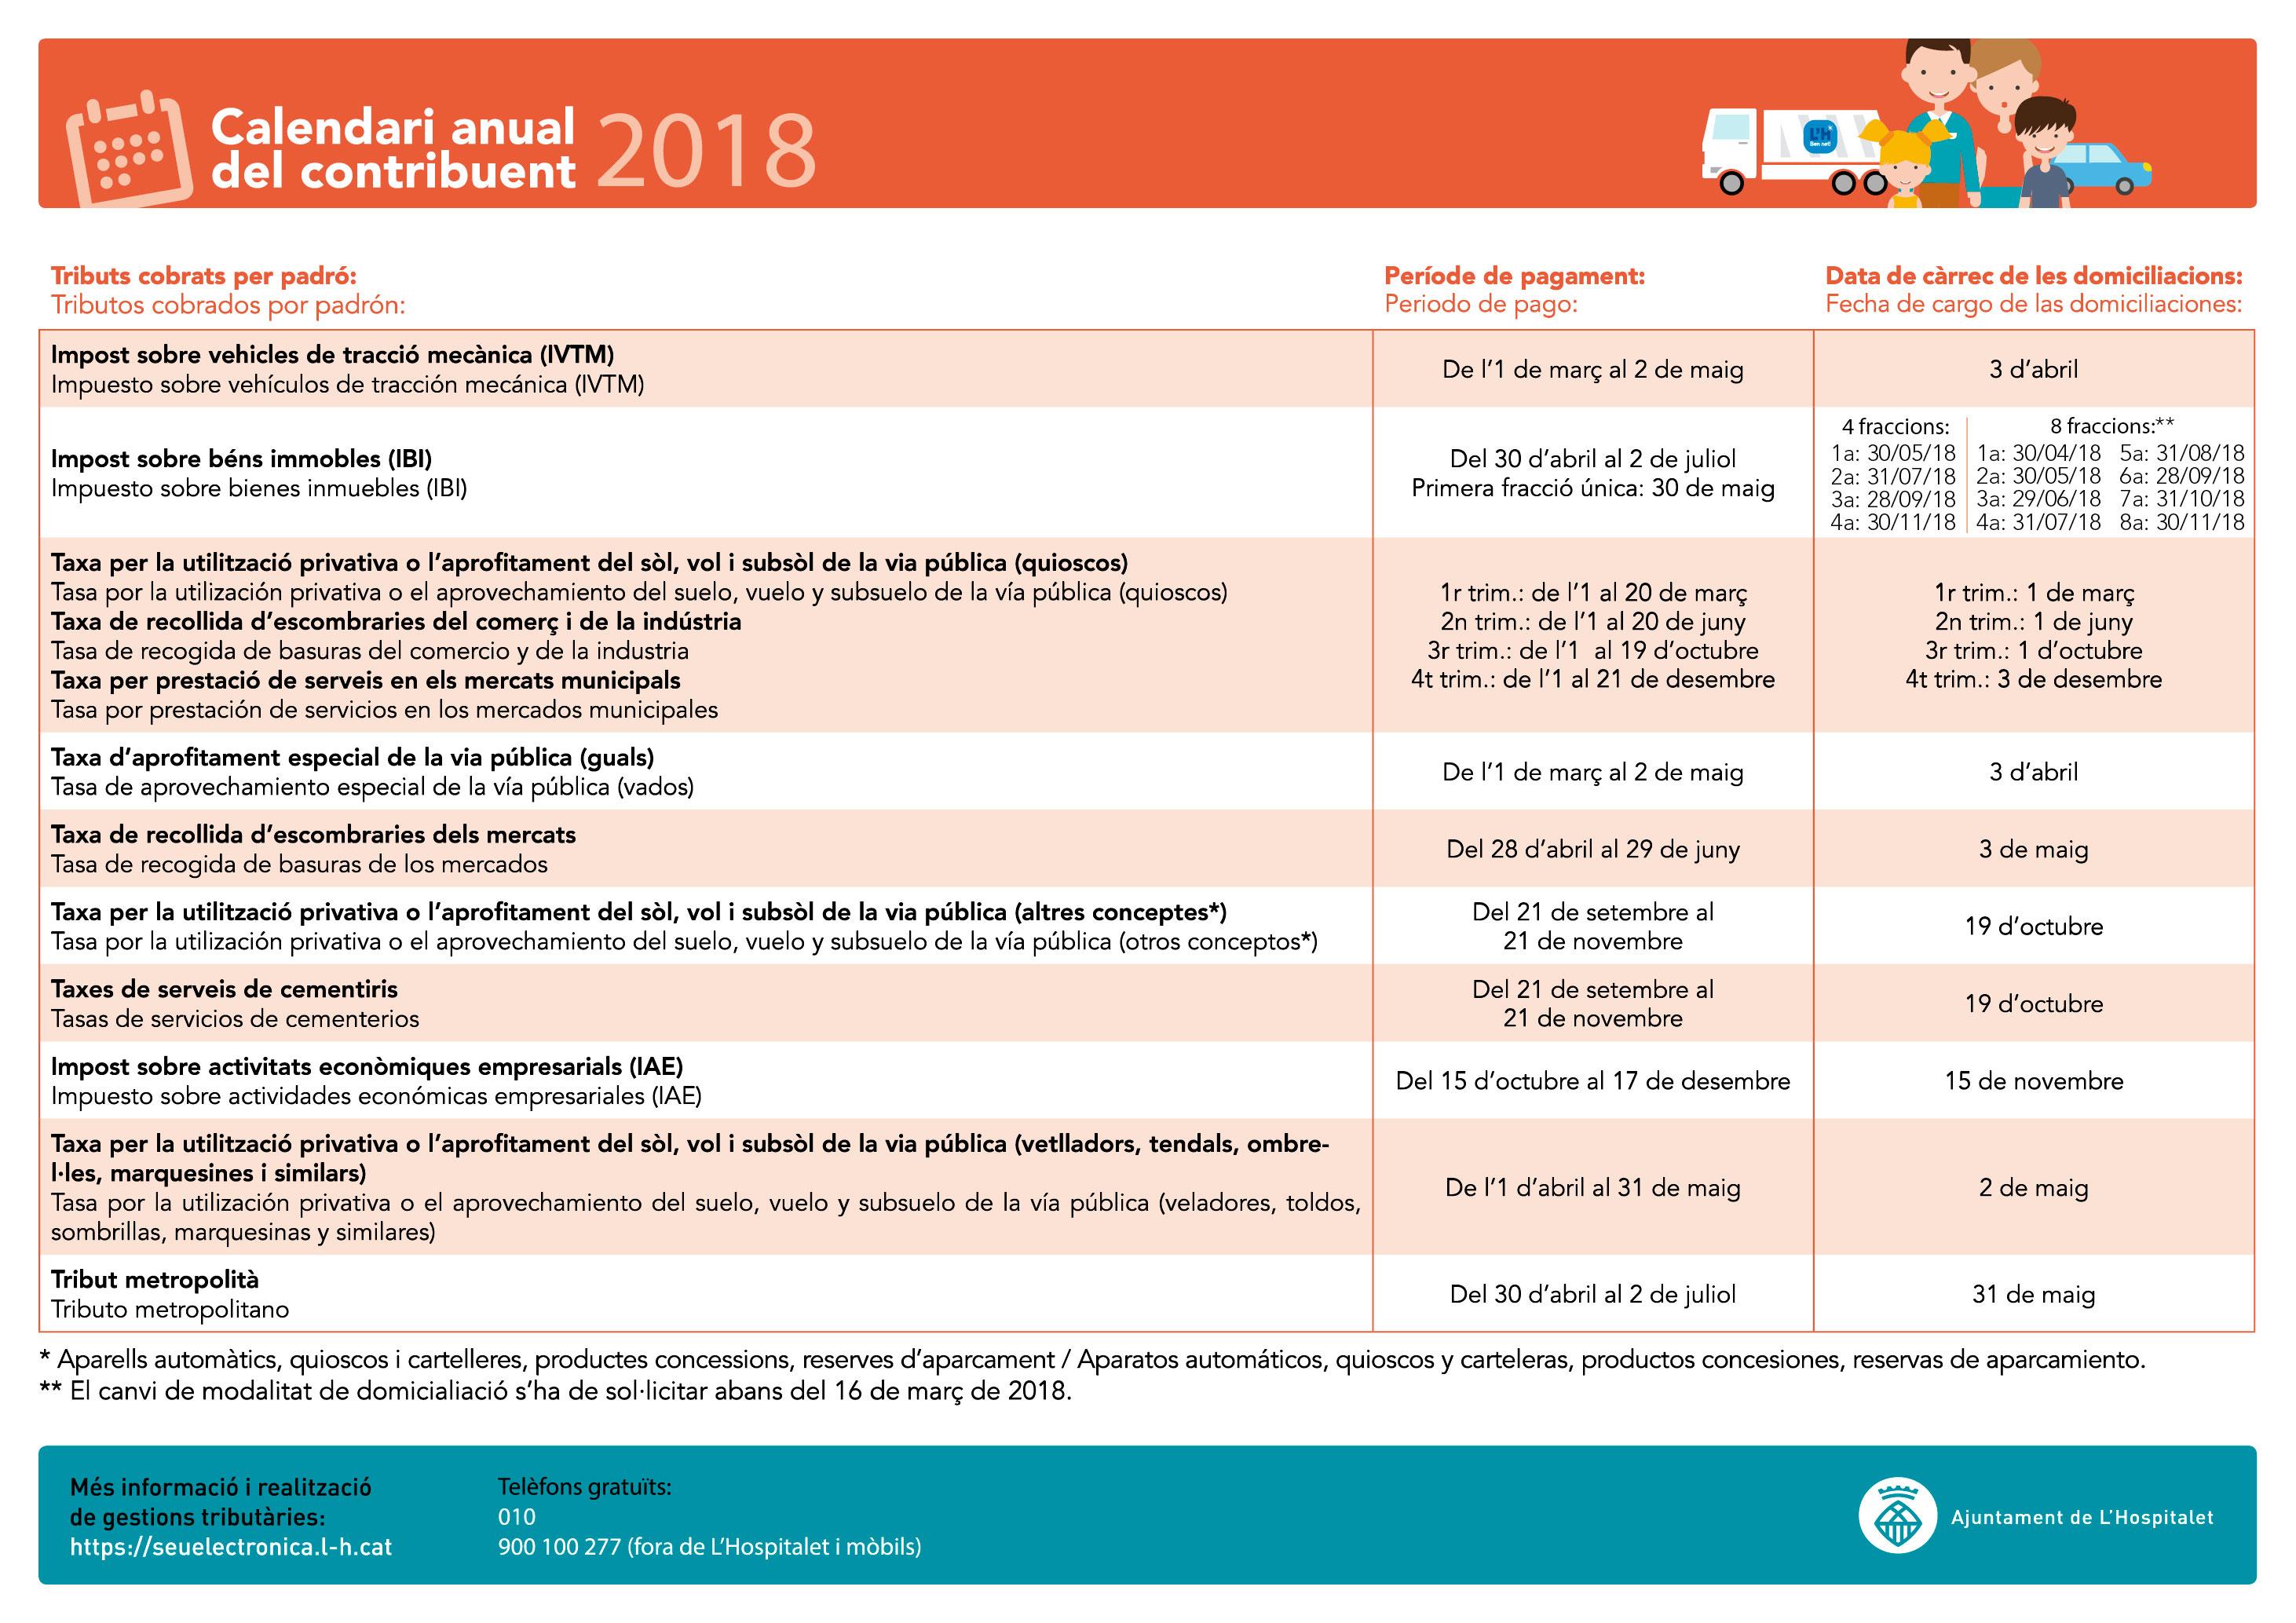 Calendario del contribuyente seu electr nica for Bankia oficina electronica